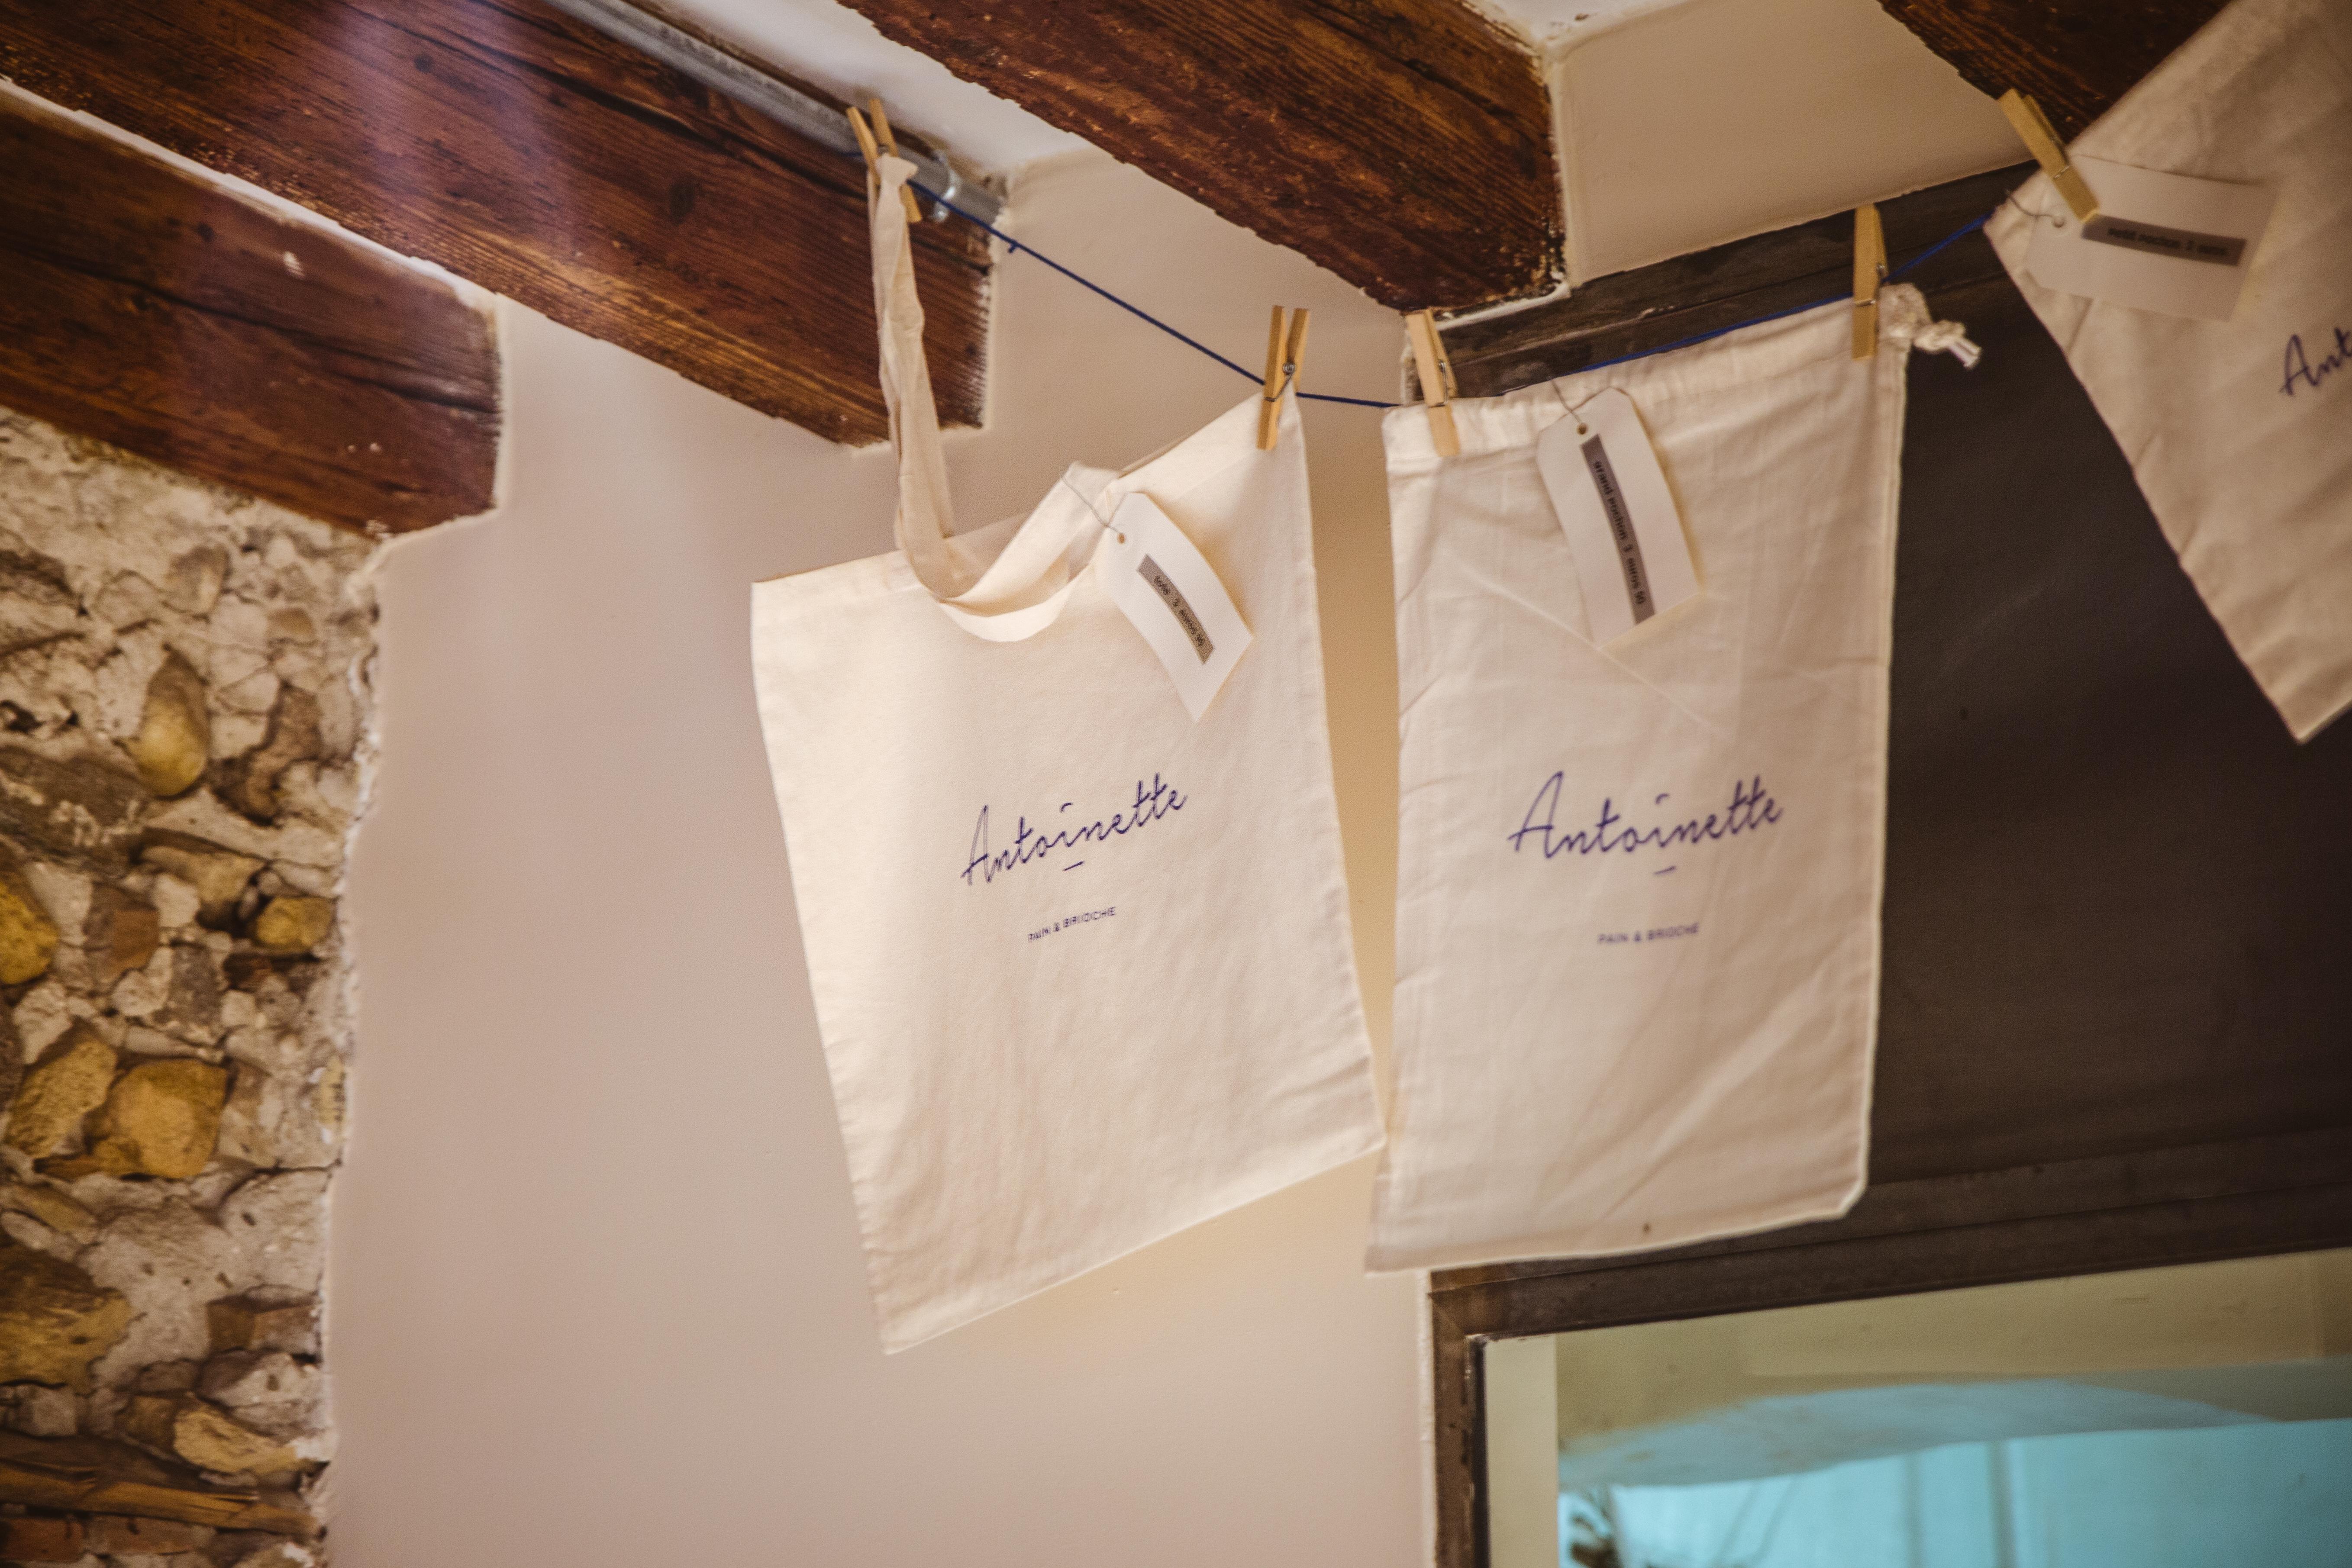 boulangerie Antoinette pain et brioche sacs